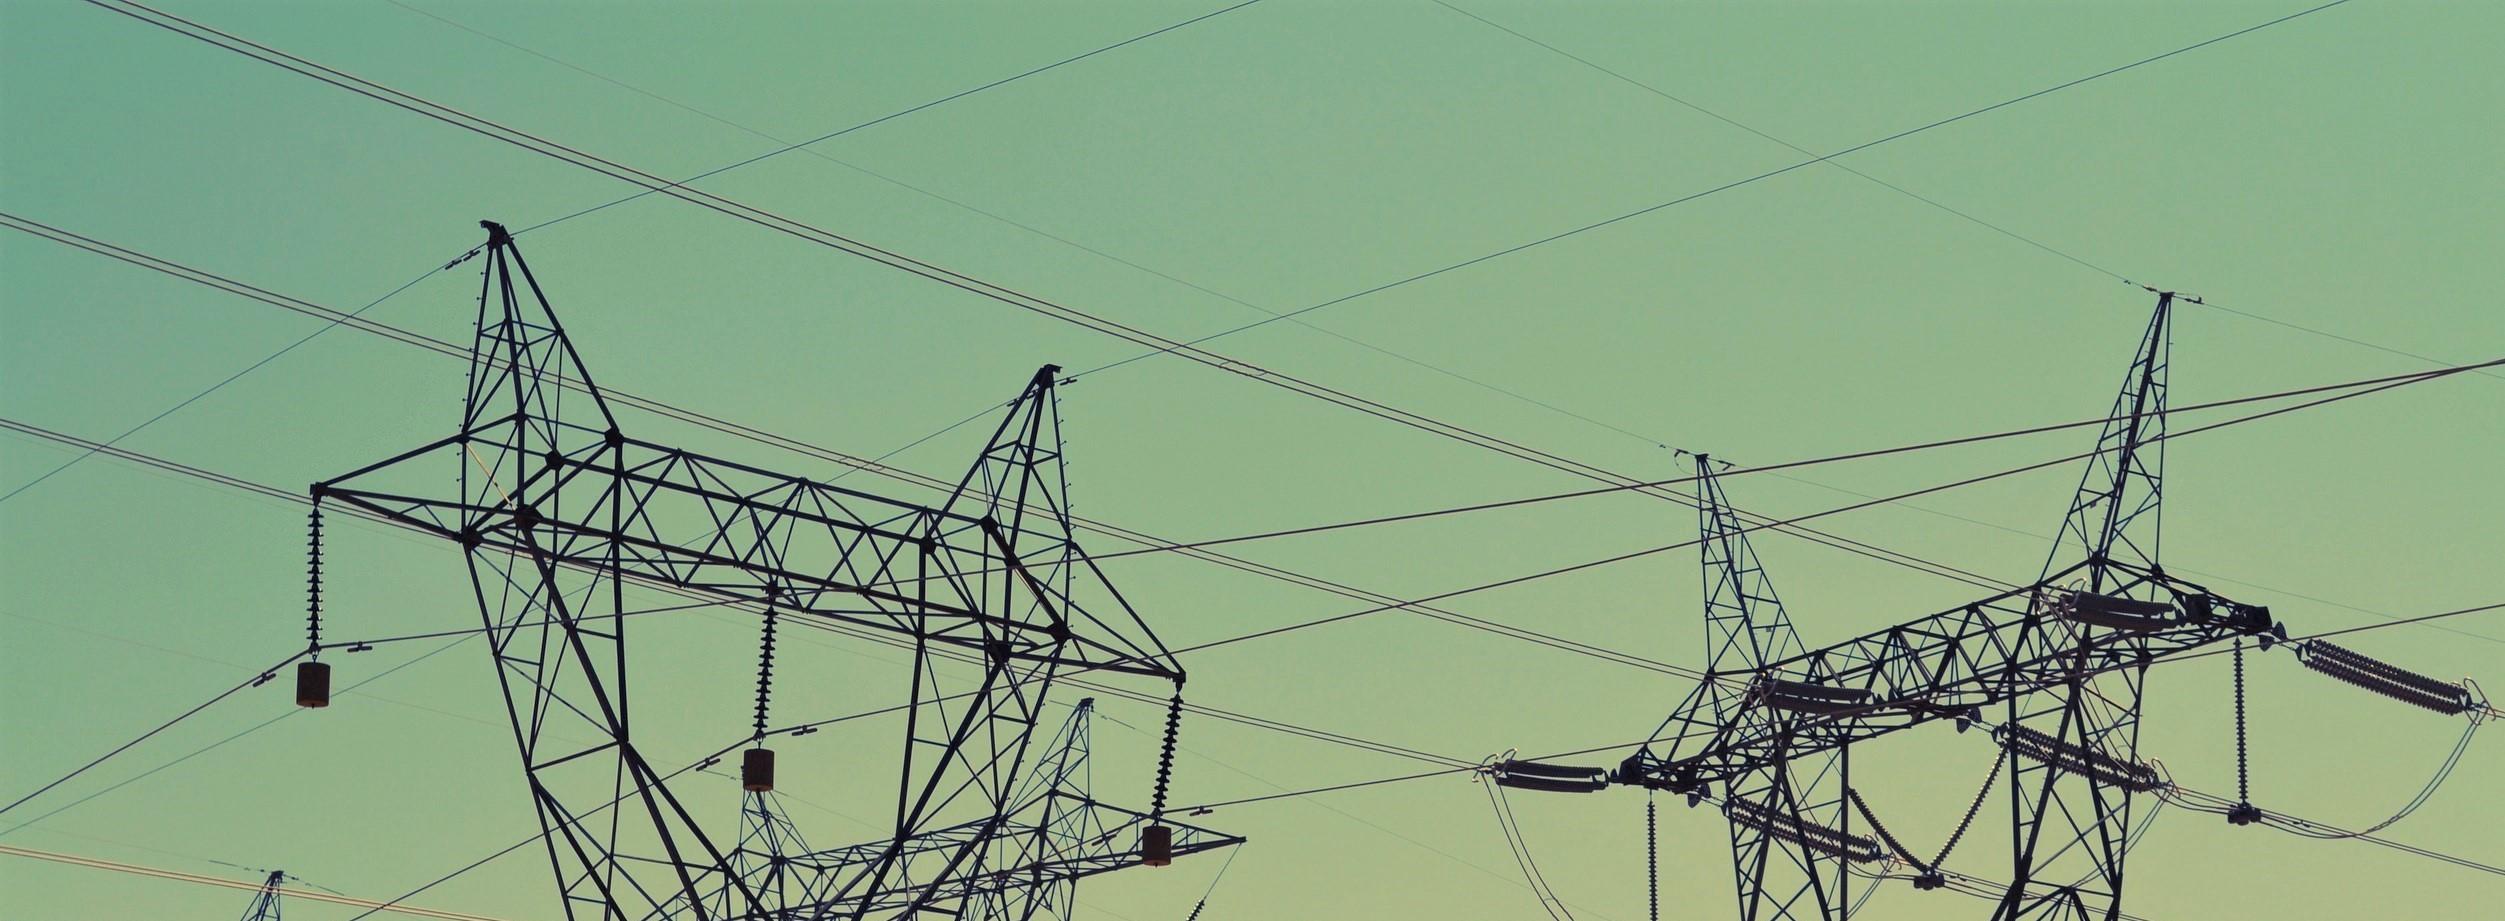 PowerlinesInTheSKy-3.jpg